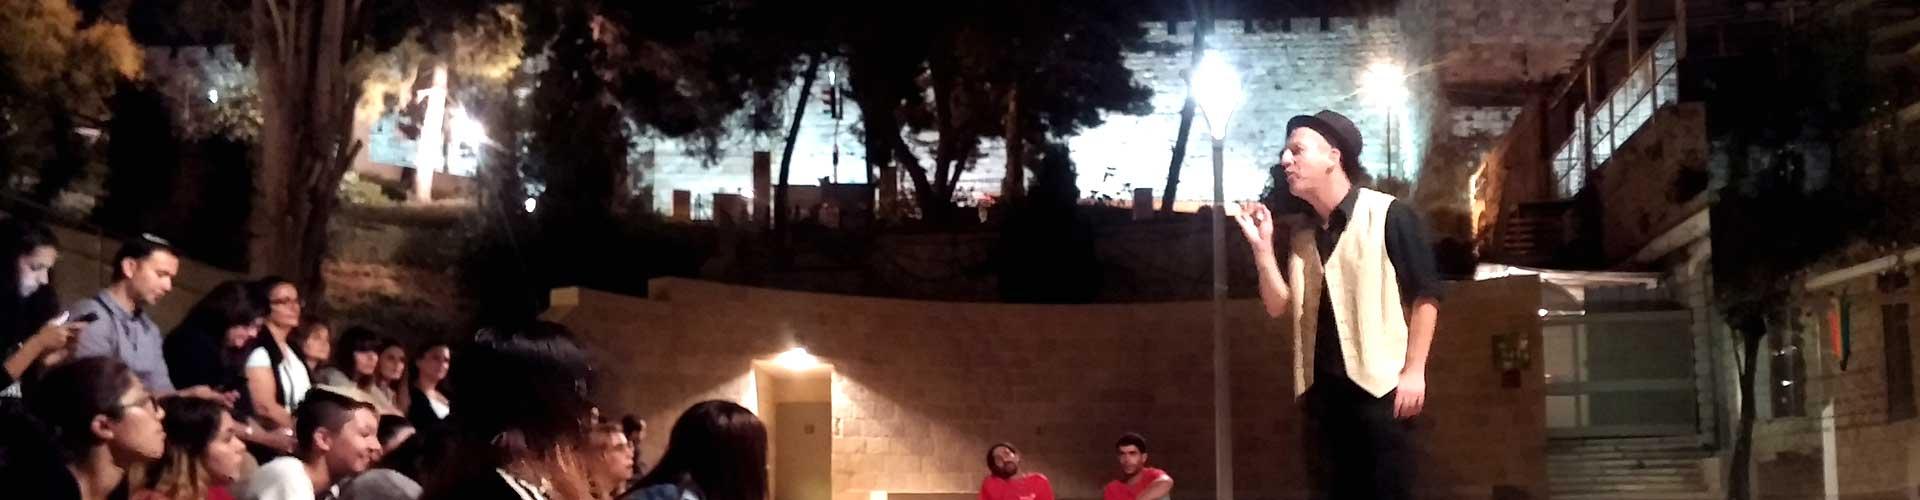 סיור סליחות מומחז עם שחקן בירושלים